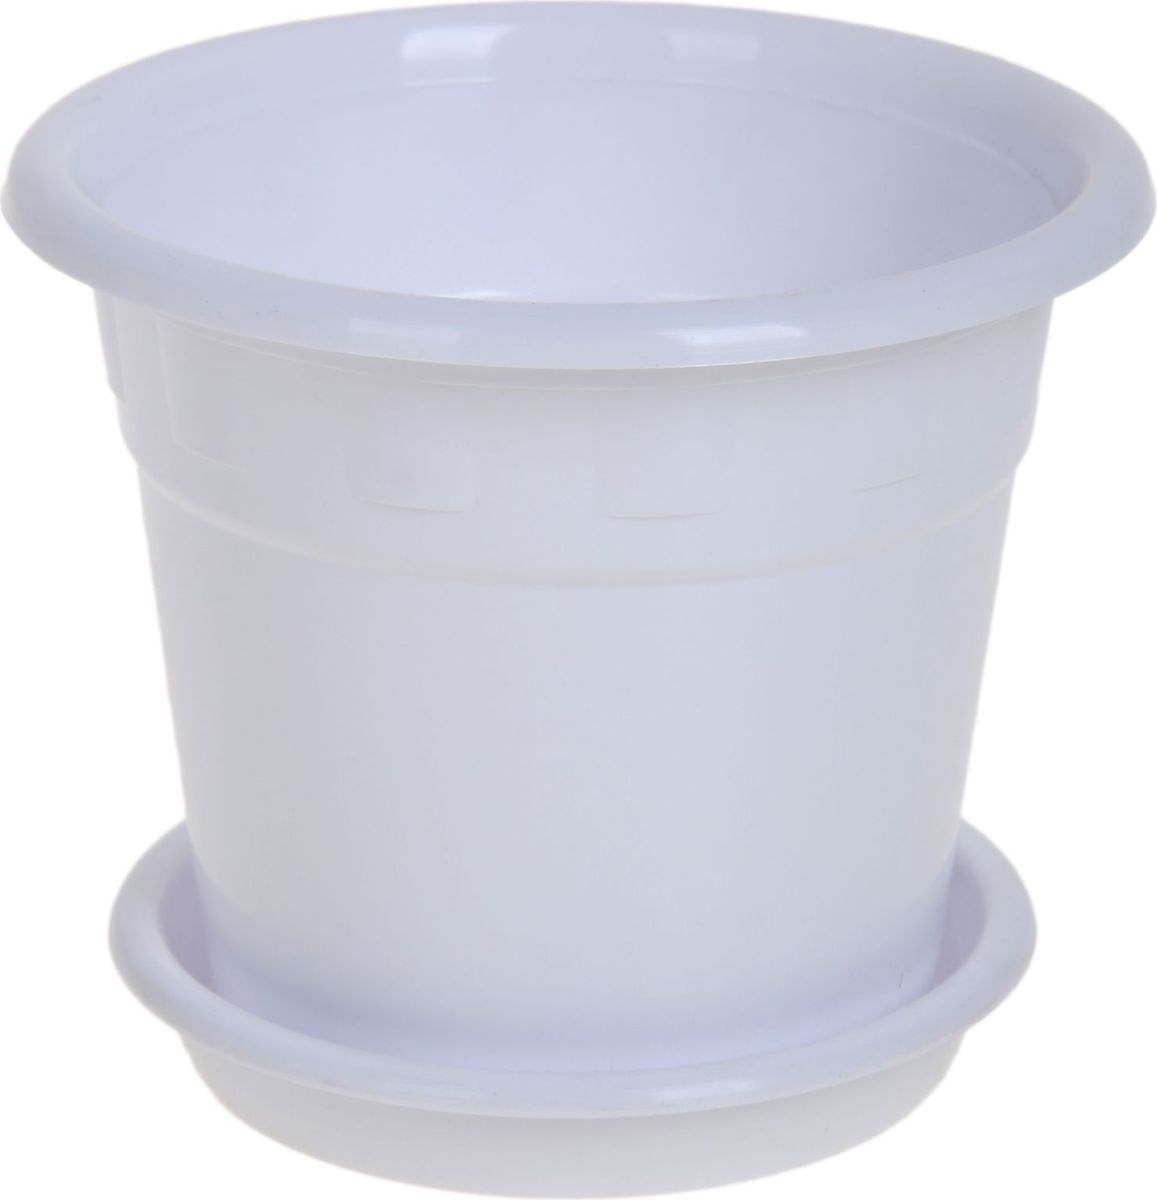 """Горшок для цветов """"Пластик"""" обладает малым весом и высокой прочностью. С лёгкостью переносите горшки и кашпо с места на место, ставьте их на столики или полки, подвешивайте под потолок, не беспокоясь о нагрузке. Пластиковые изделия не нуждаются в специальных условиях хранения. Их легко чистить - достаточно просто сполоснуть тёплой водой.   Пластиковые кашпо не царапают и не загрязняют поверхности, на которых стоят. Пластик дольше хранит влагу, а значит растение реже нуждается в поливе. Пластмасса не пропускает воздух, а значит, корневой системе растения не грозят резкие перепады температур.  Соблюдая нехитрые правила ухода, вы можете заметно продлить срок службы горшков, вазонов и кашпо из пластика: - всегда учитывайте размер кроны и корневой системы растения (при разрастании большое растение способно повредить маленький горшок).  - берегите изделие от воздействия прямых солнечных лучей, чтобы кашпо и горшки не выцветали.  - держите кашпо и горшки из пластика подальше от нагревающихся поверхностей.  Любой, даже самый современный и продуманный интерьер будет не завершённым без растений. Они не только очищают воздух и насыщают его кислородом, но и заметно украшают окружающее пространство. Такому полезному члену семьи просто необходимо красивое и функциональное кашпо, оригинальный горшок или необычная ваза!"""